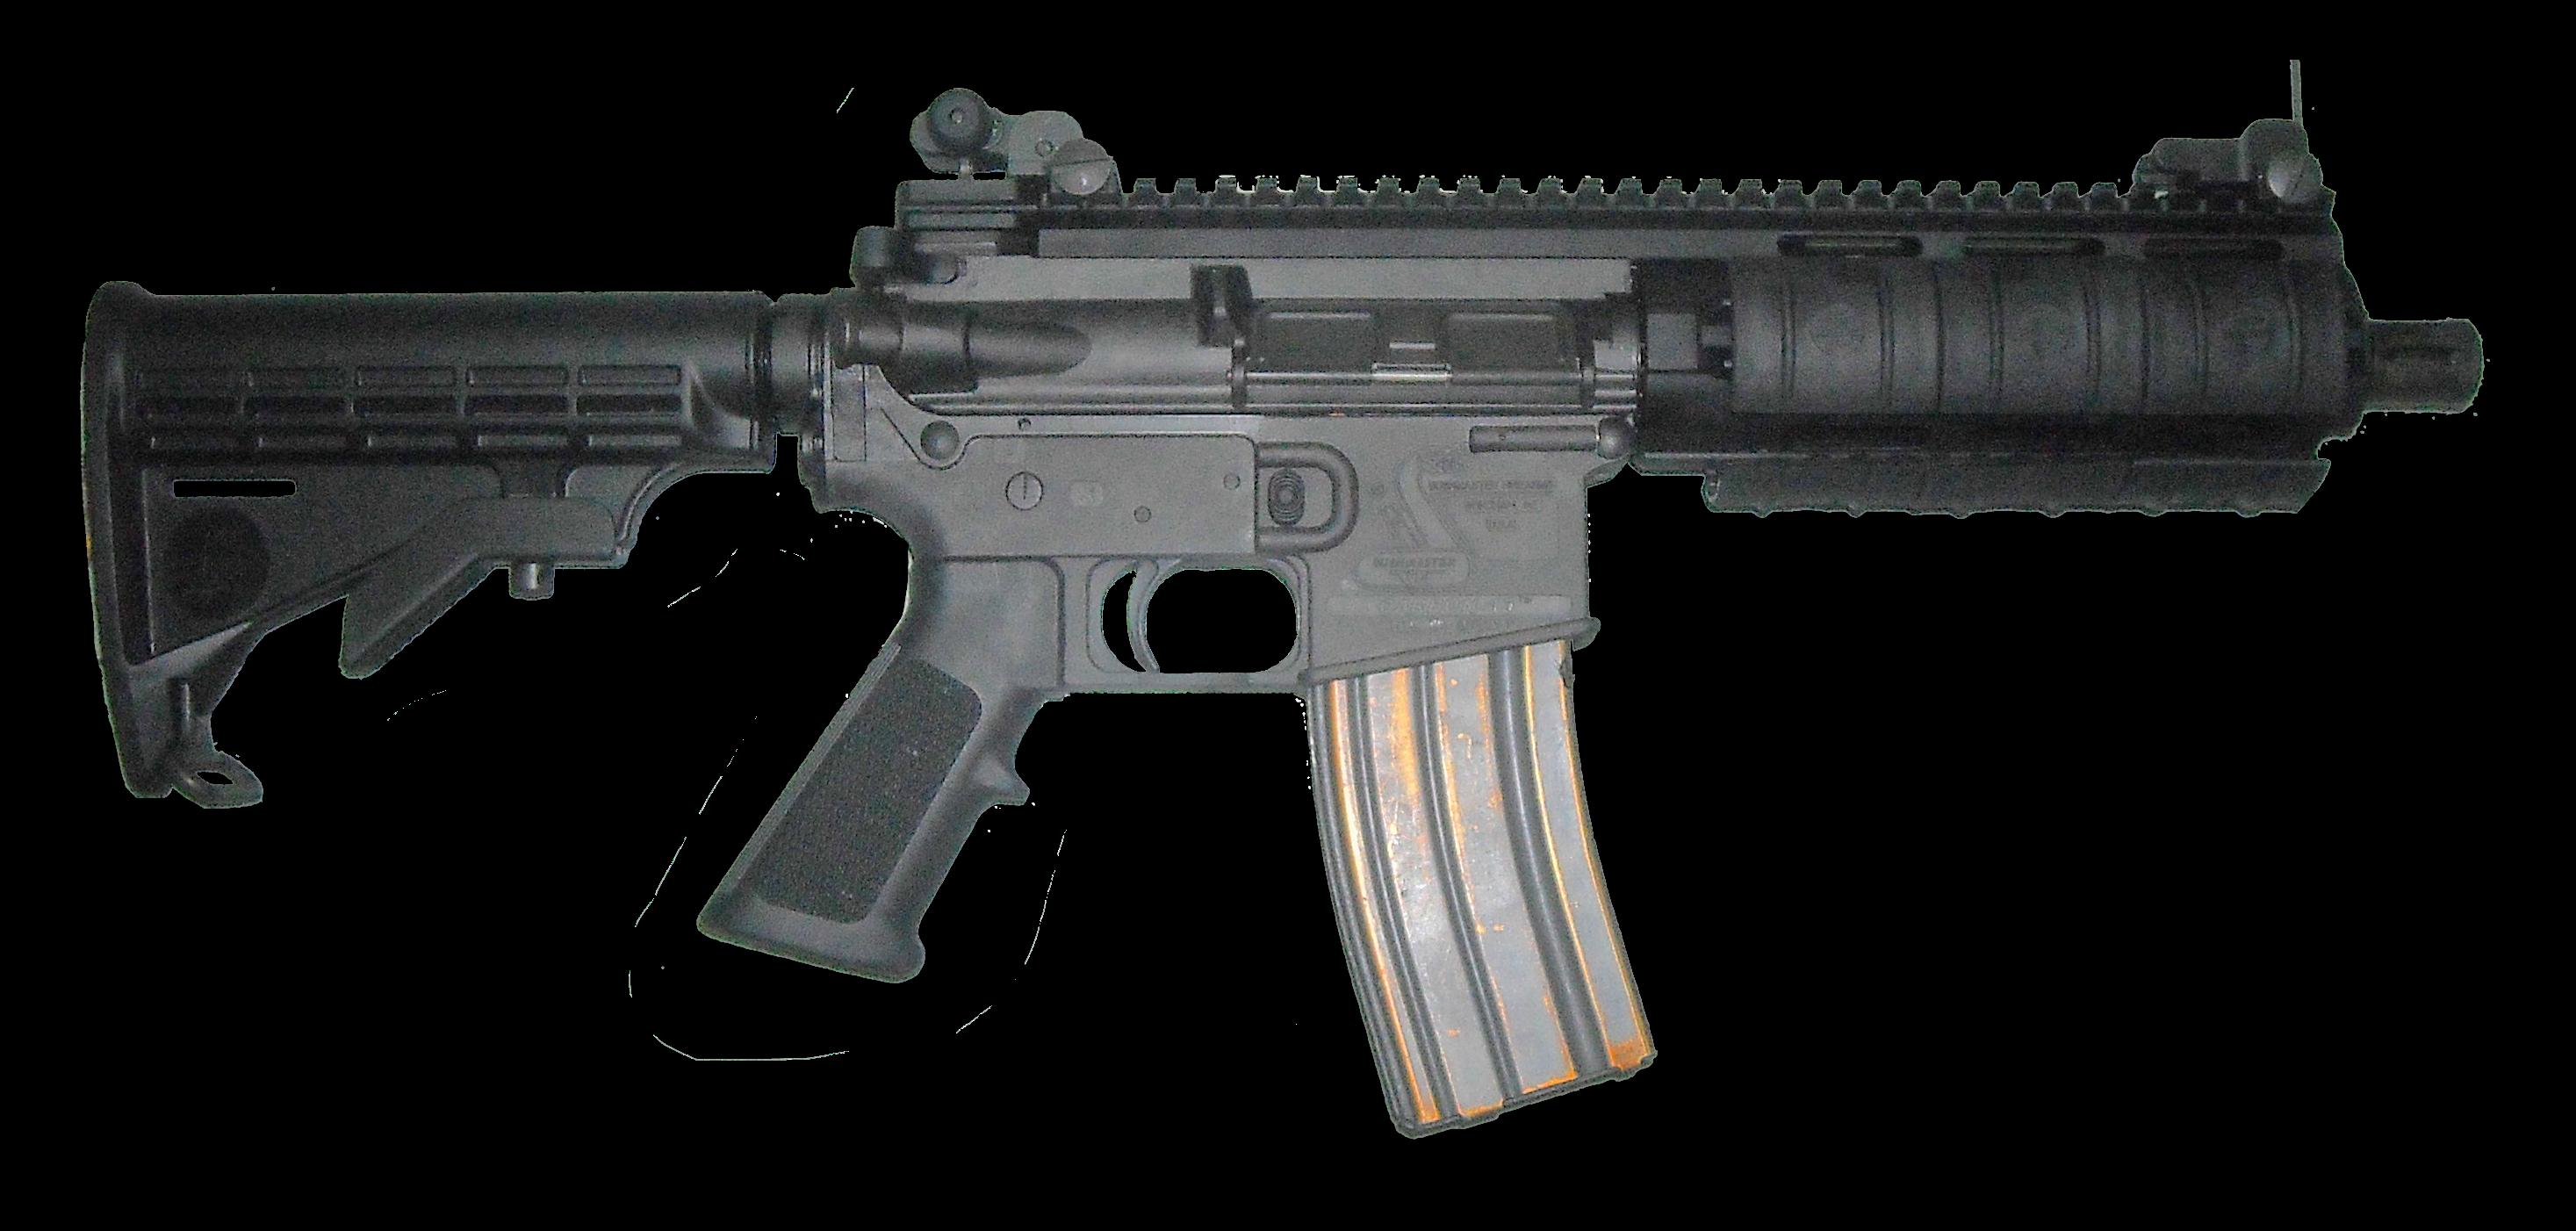 450 bushmaster ar pistol